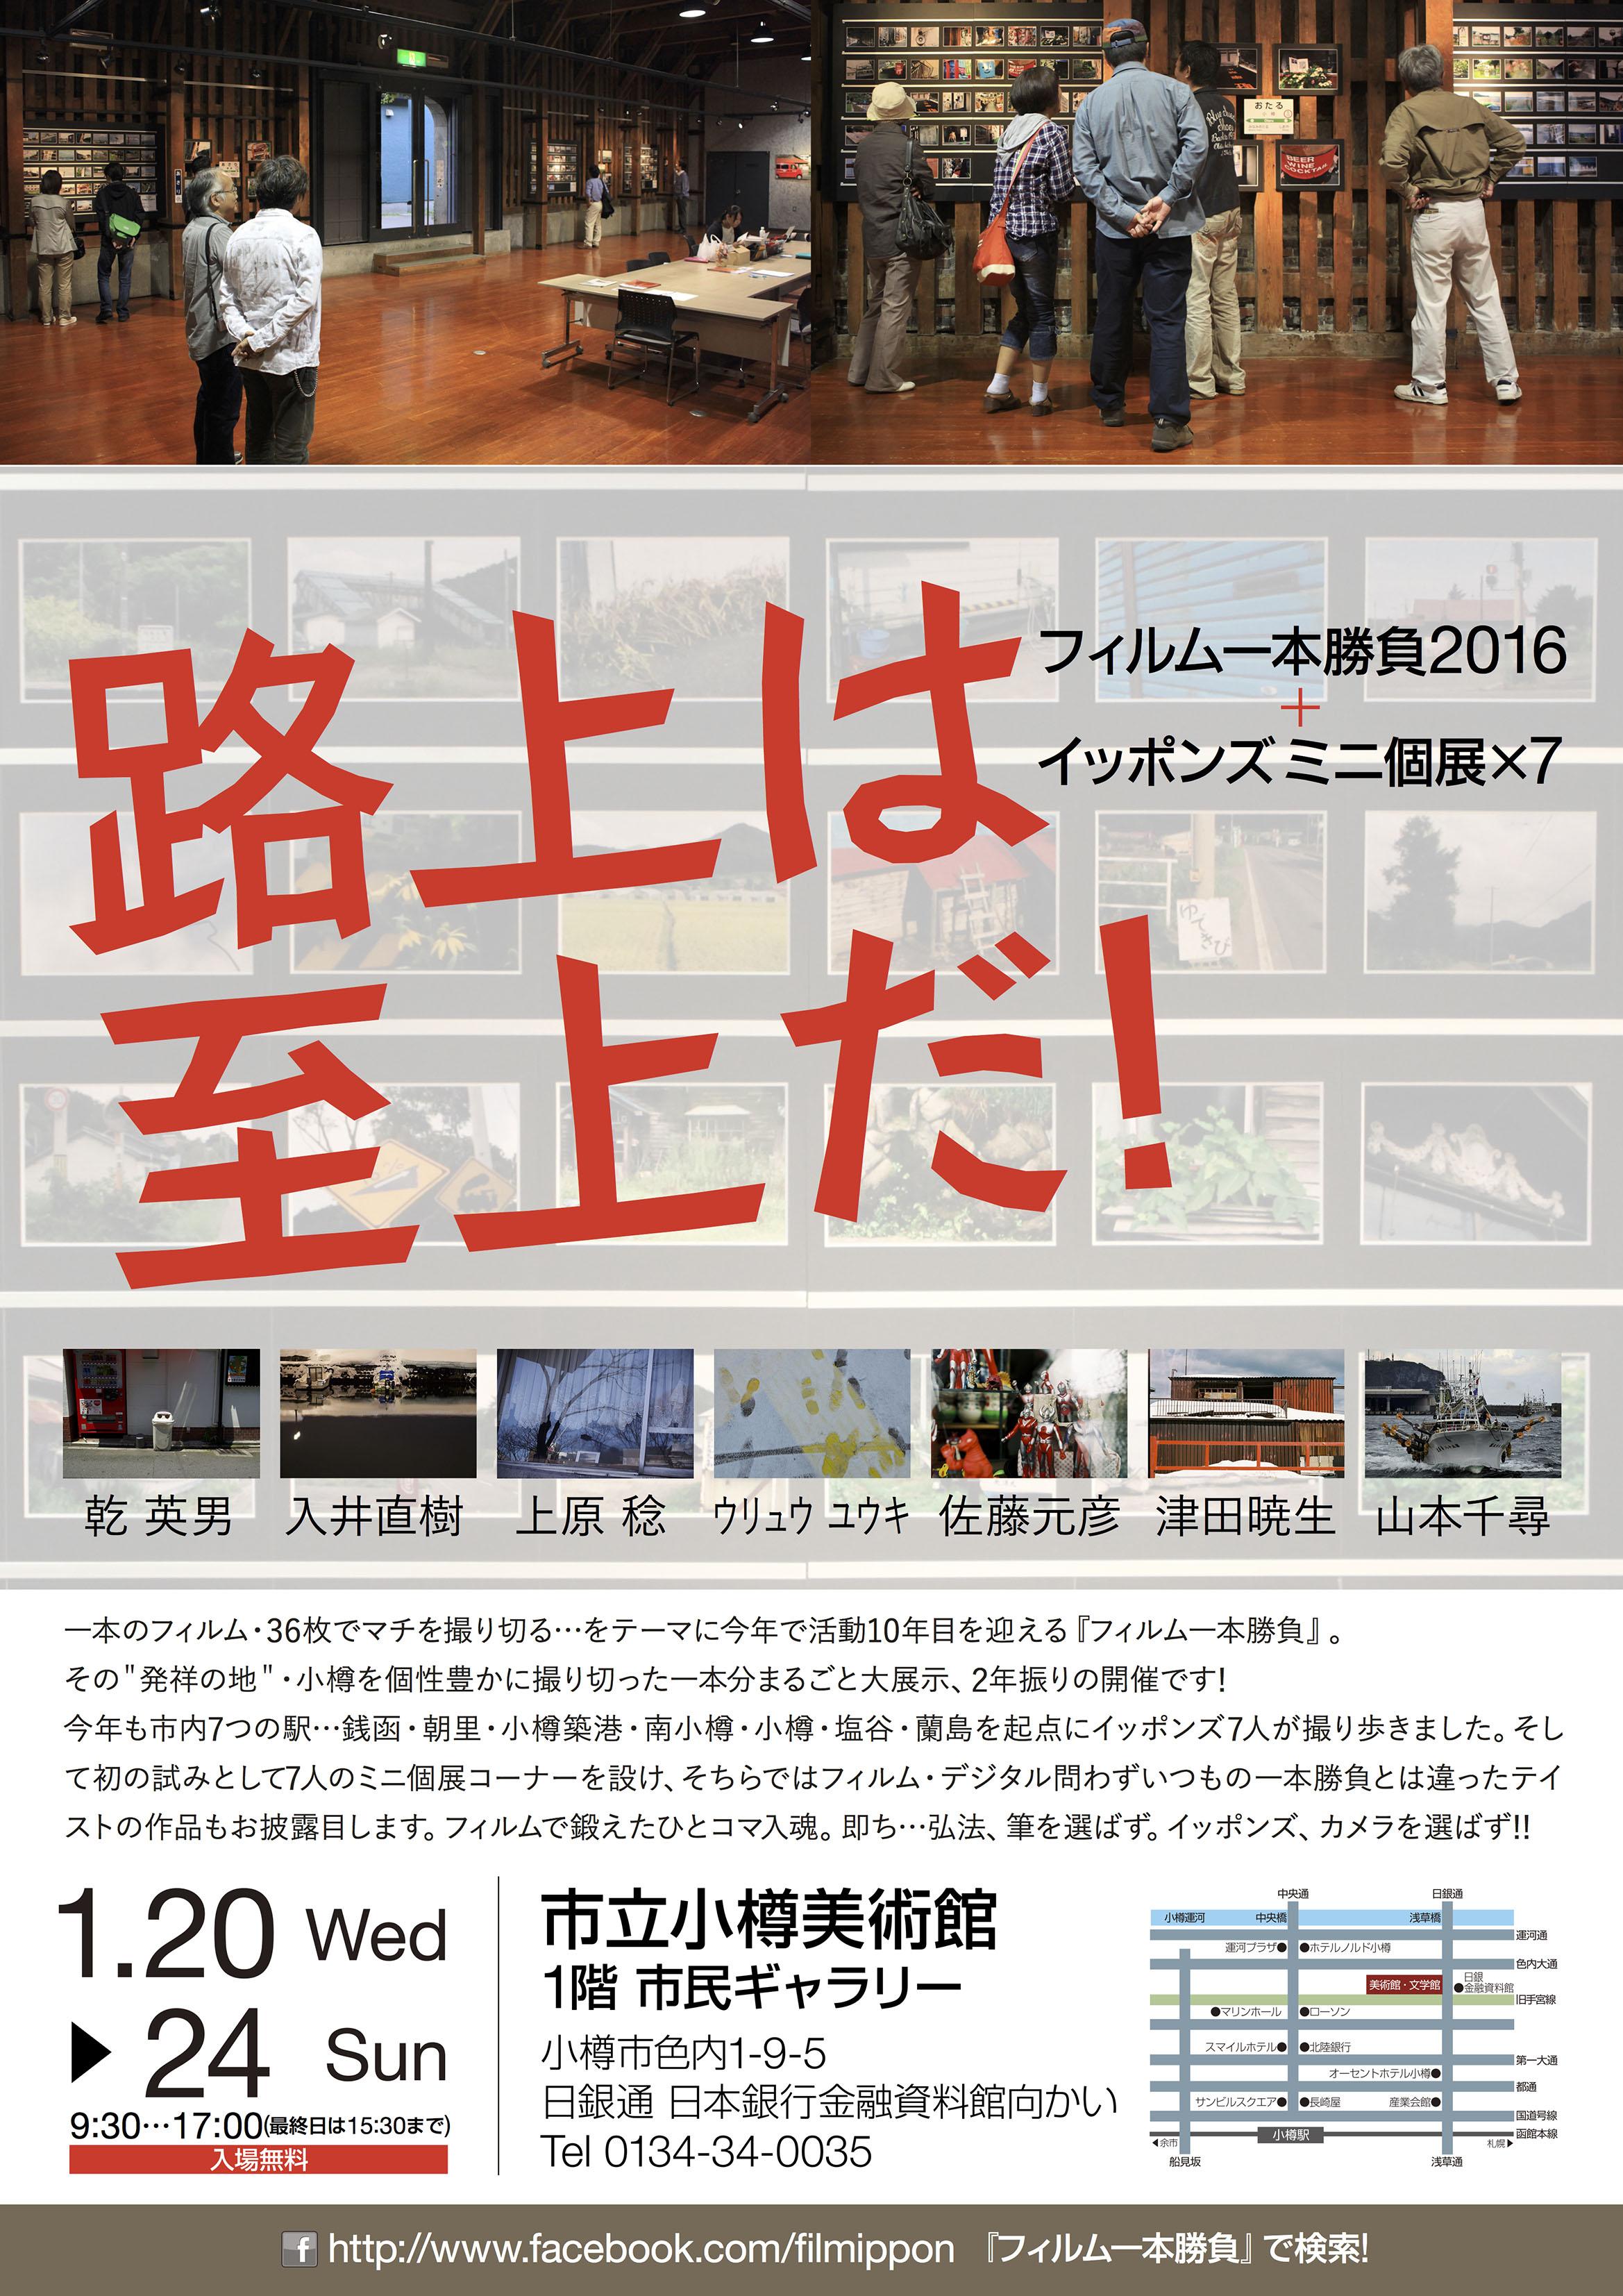 filmippon2016_otaru-posterA3-web